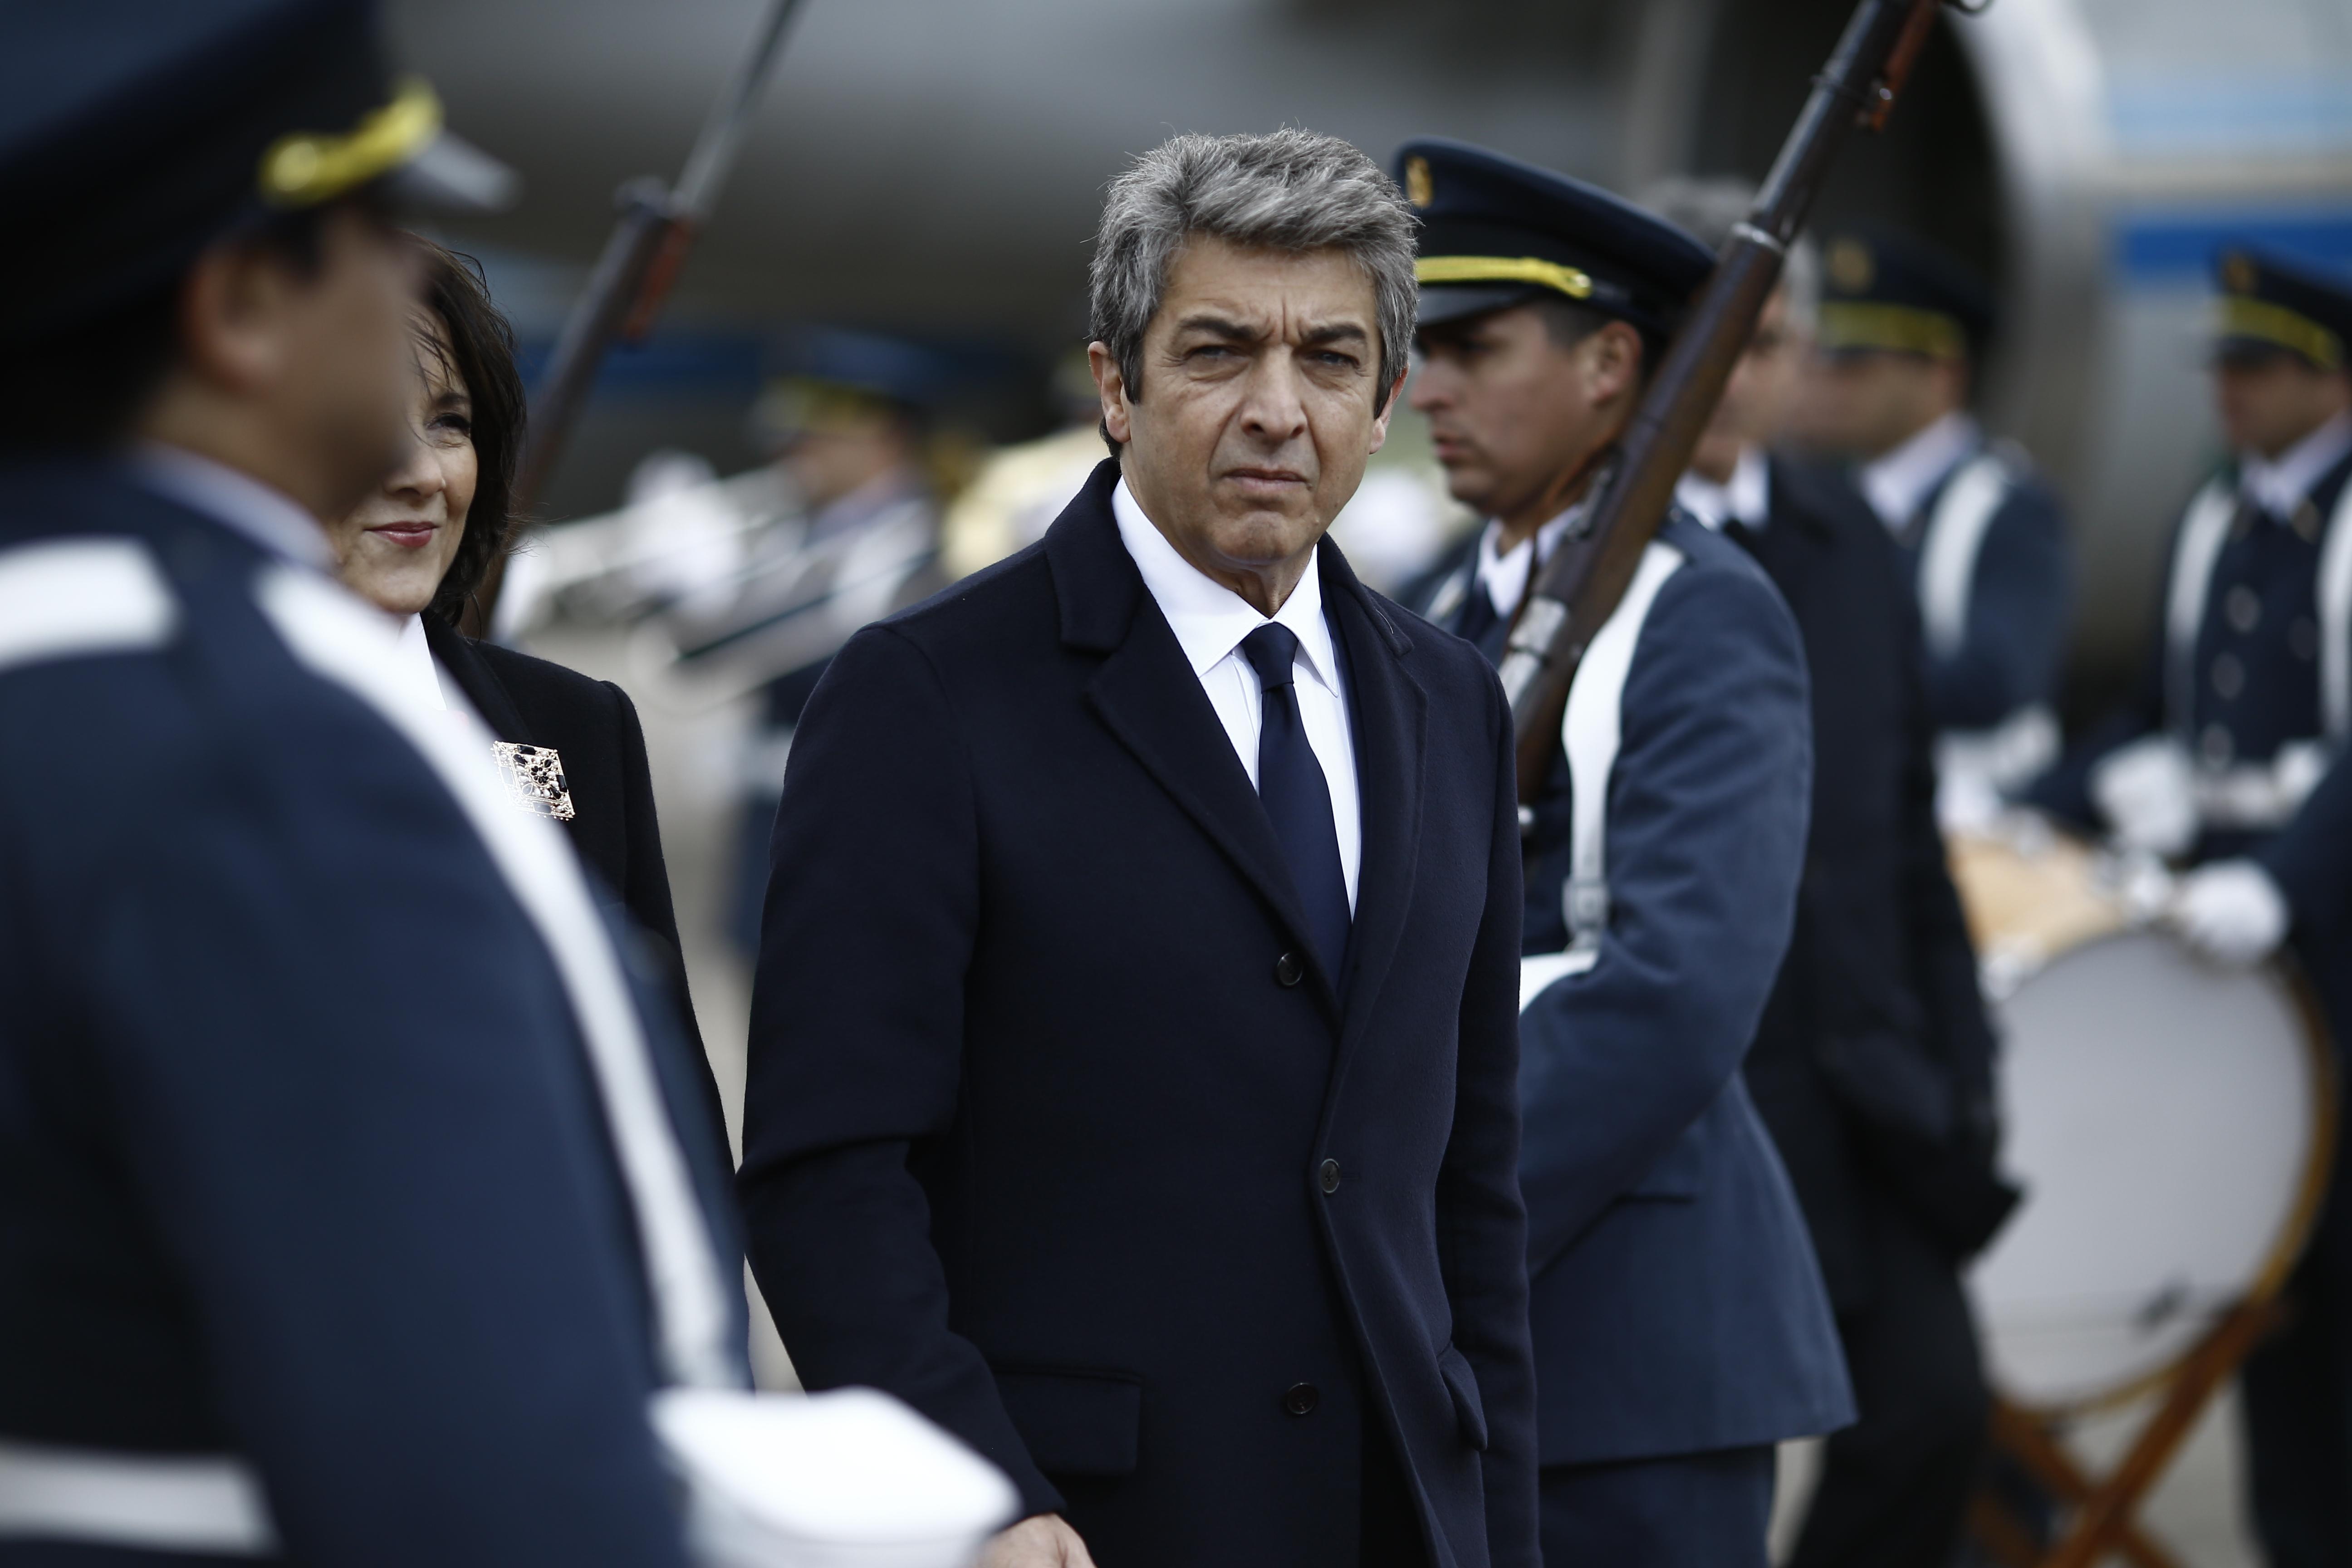 film-el-presidente-de-santiago-mitre_photod4y6669-copyright-pablo-franco_hd_ok